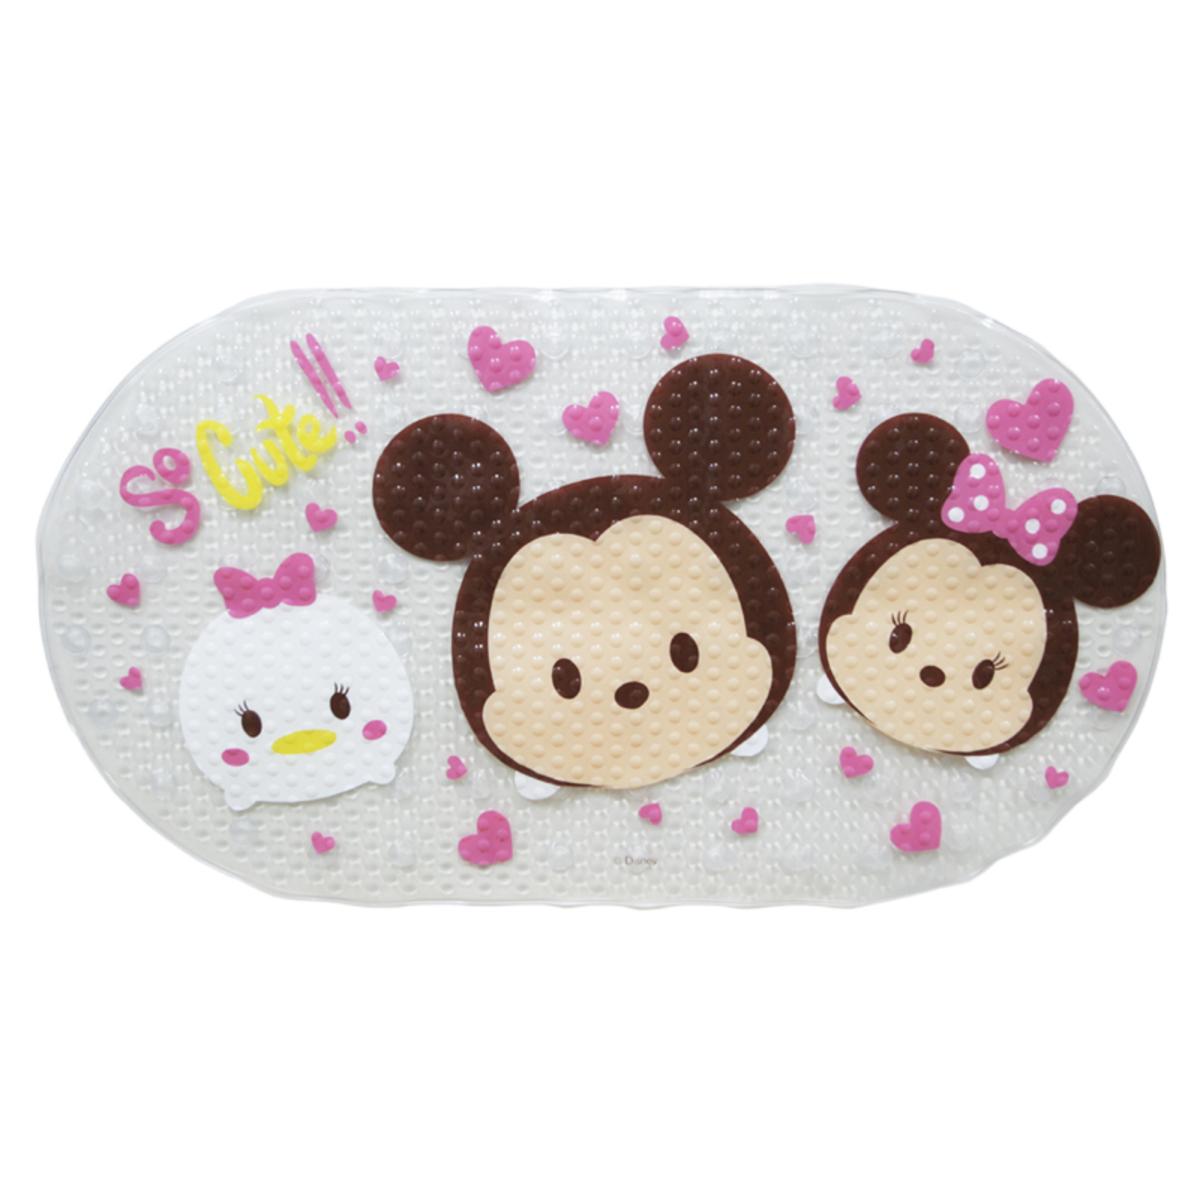 浴室防滑墊 (Mickey) (迪士尼許可產品)